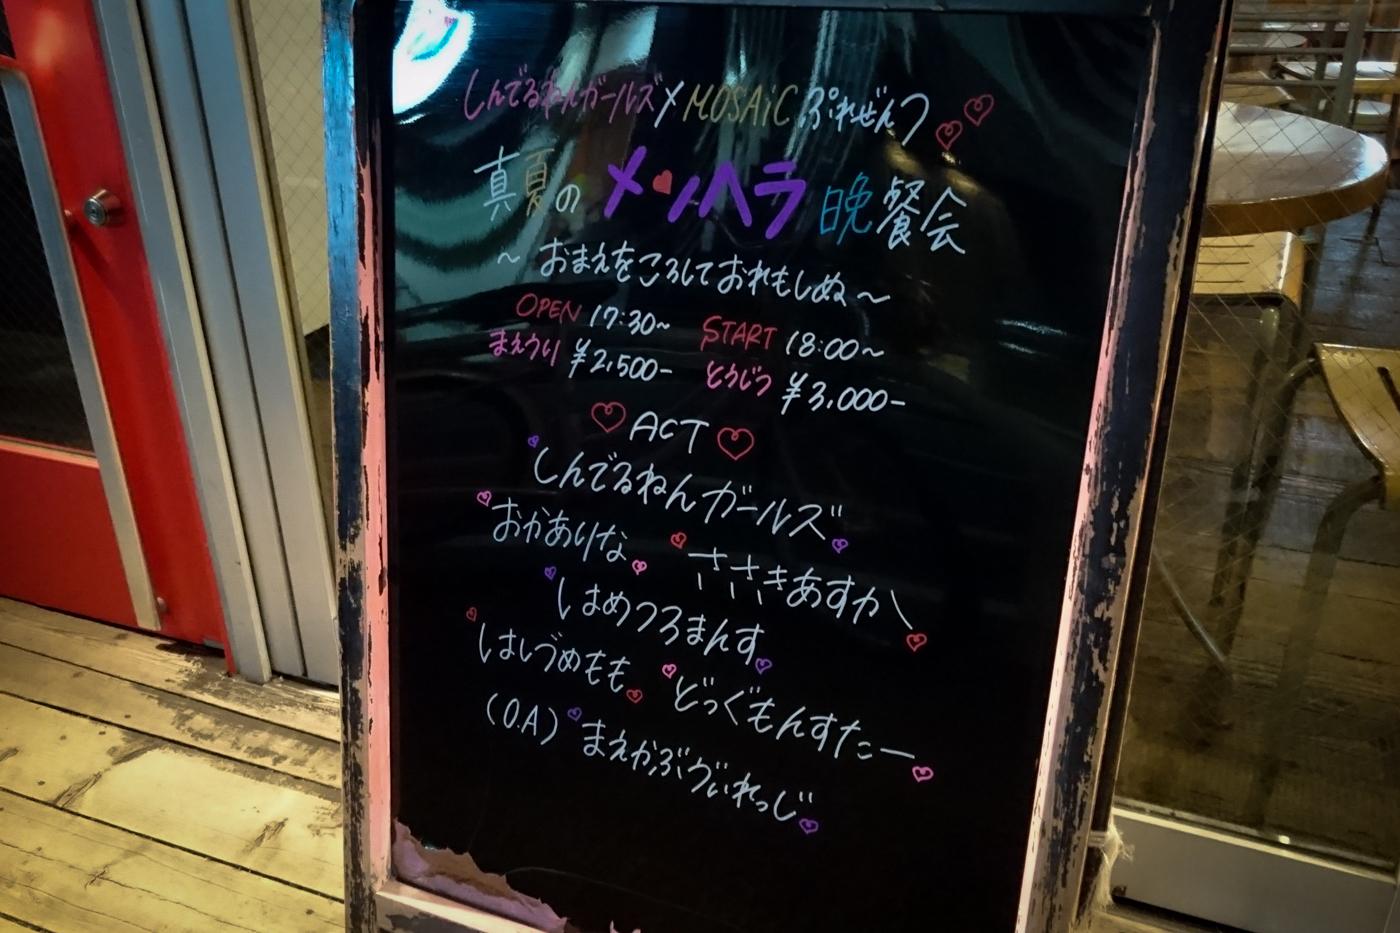 死んでるねんガールズ × MOSAiC presents 『真夏のメンヘラ晩餐会~おまえをころしておれもしぬ~』@下北沢MOSAiC